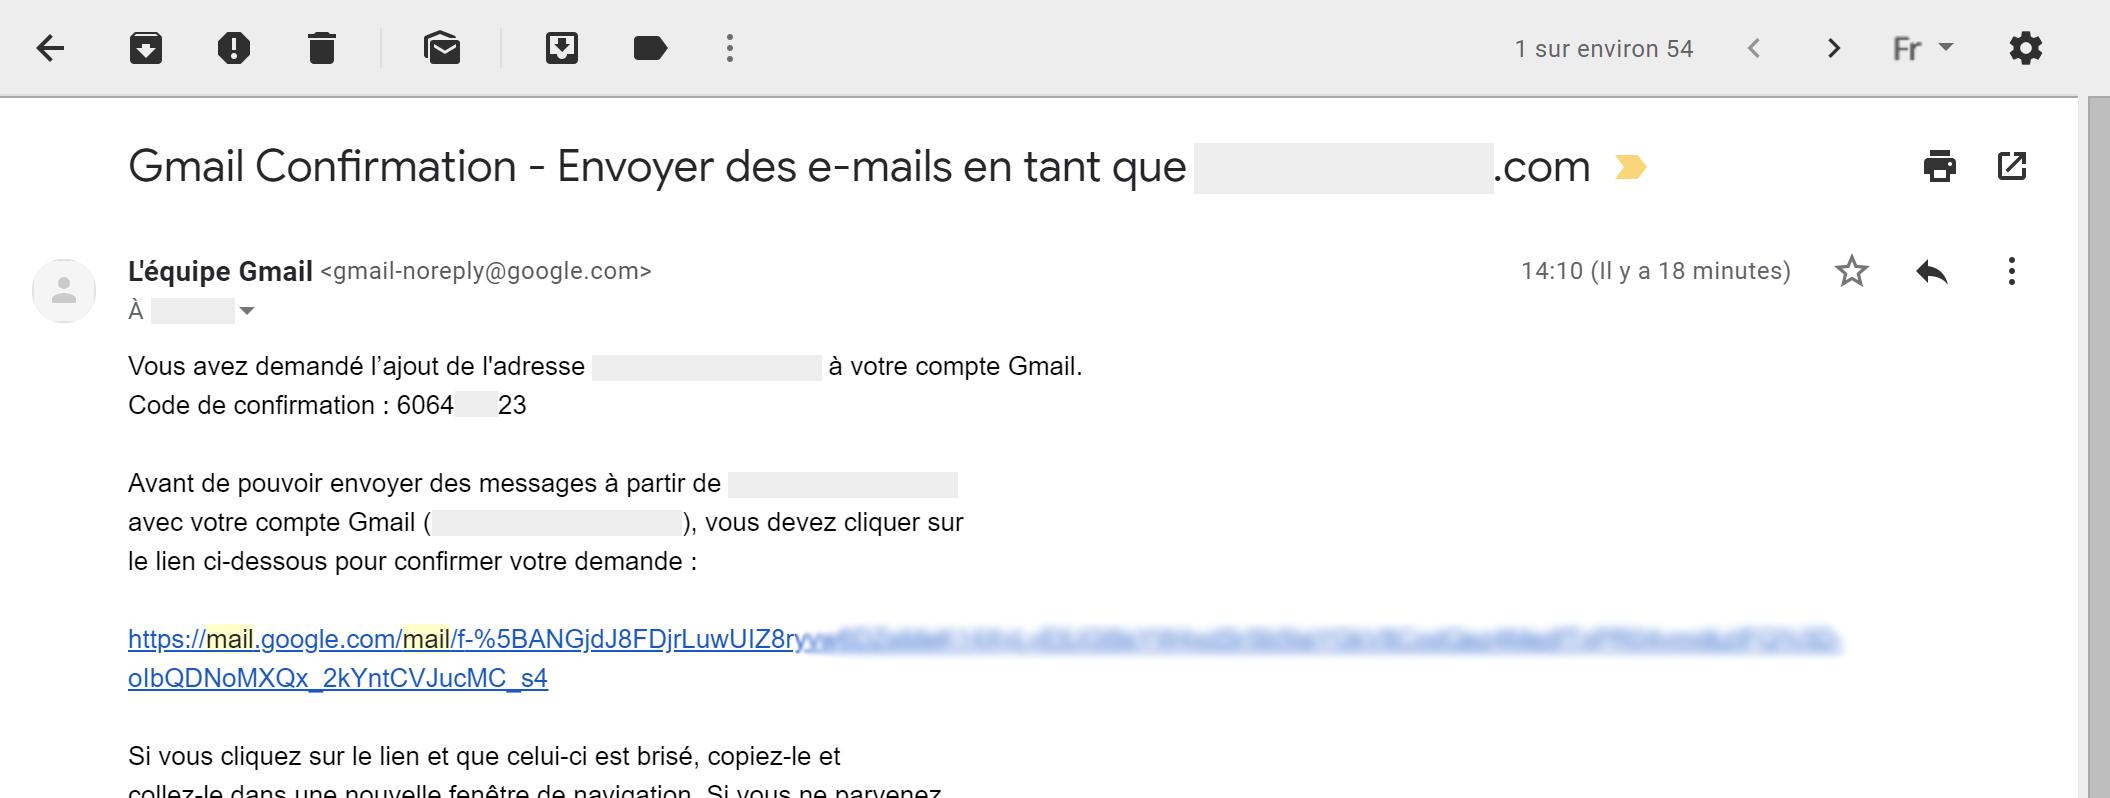 Ouvrez le mail de confirmation